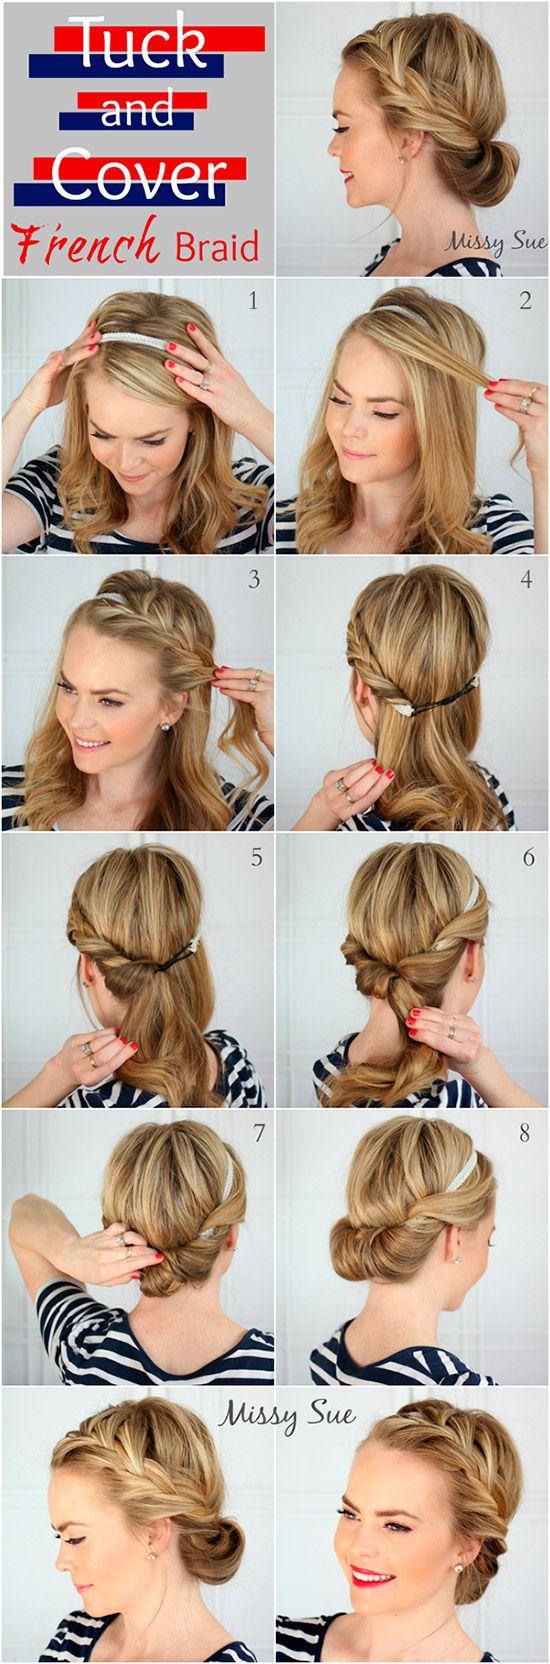 Греческие прически на длинные волосы пошаговая инструкция